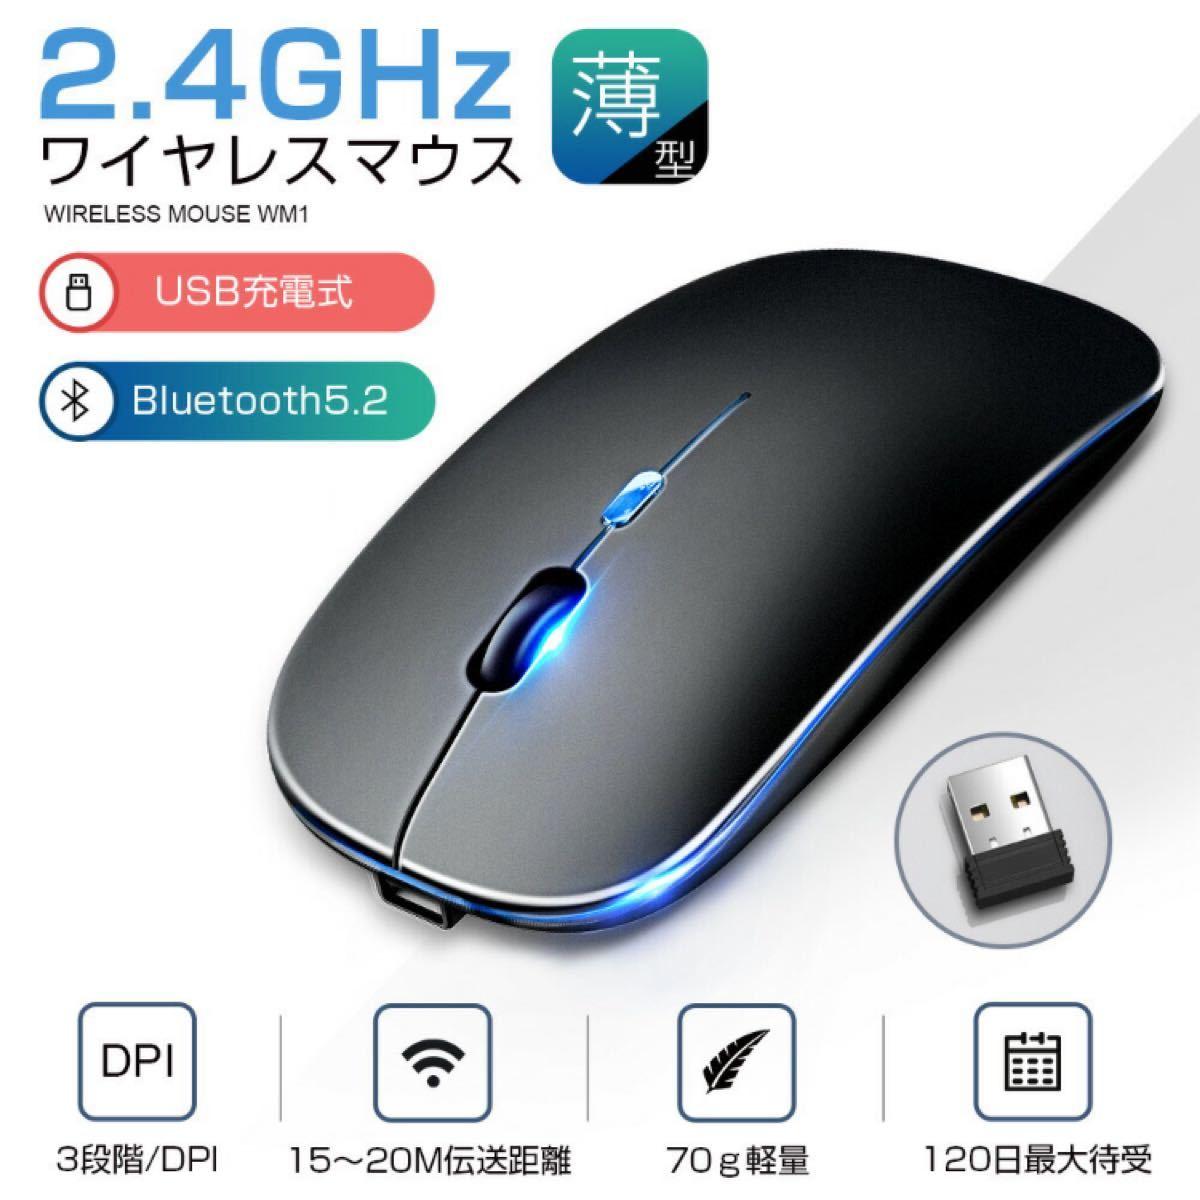 無線マウス 充電式 静音 最大120日持続 持ち運び便利 薄型 静音 軽量 光学式 高精度 2.4GHz 3段調節